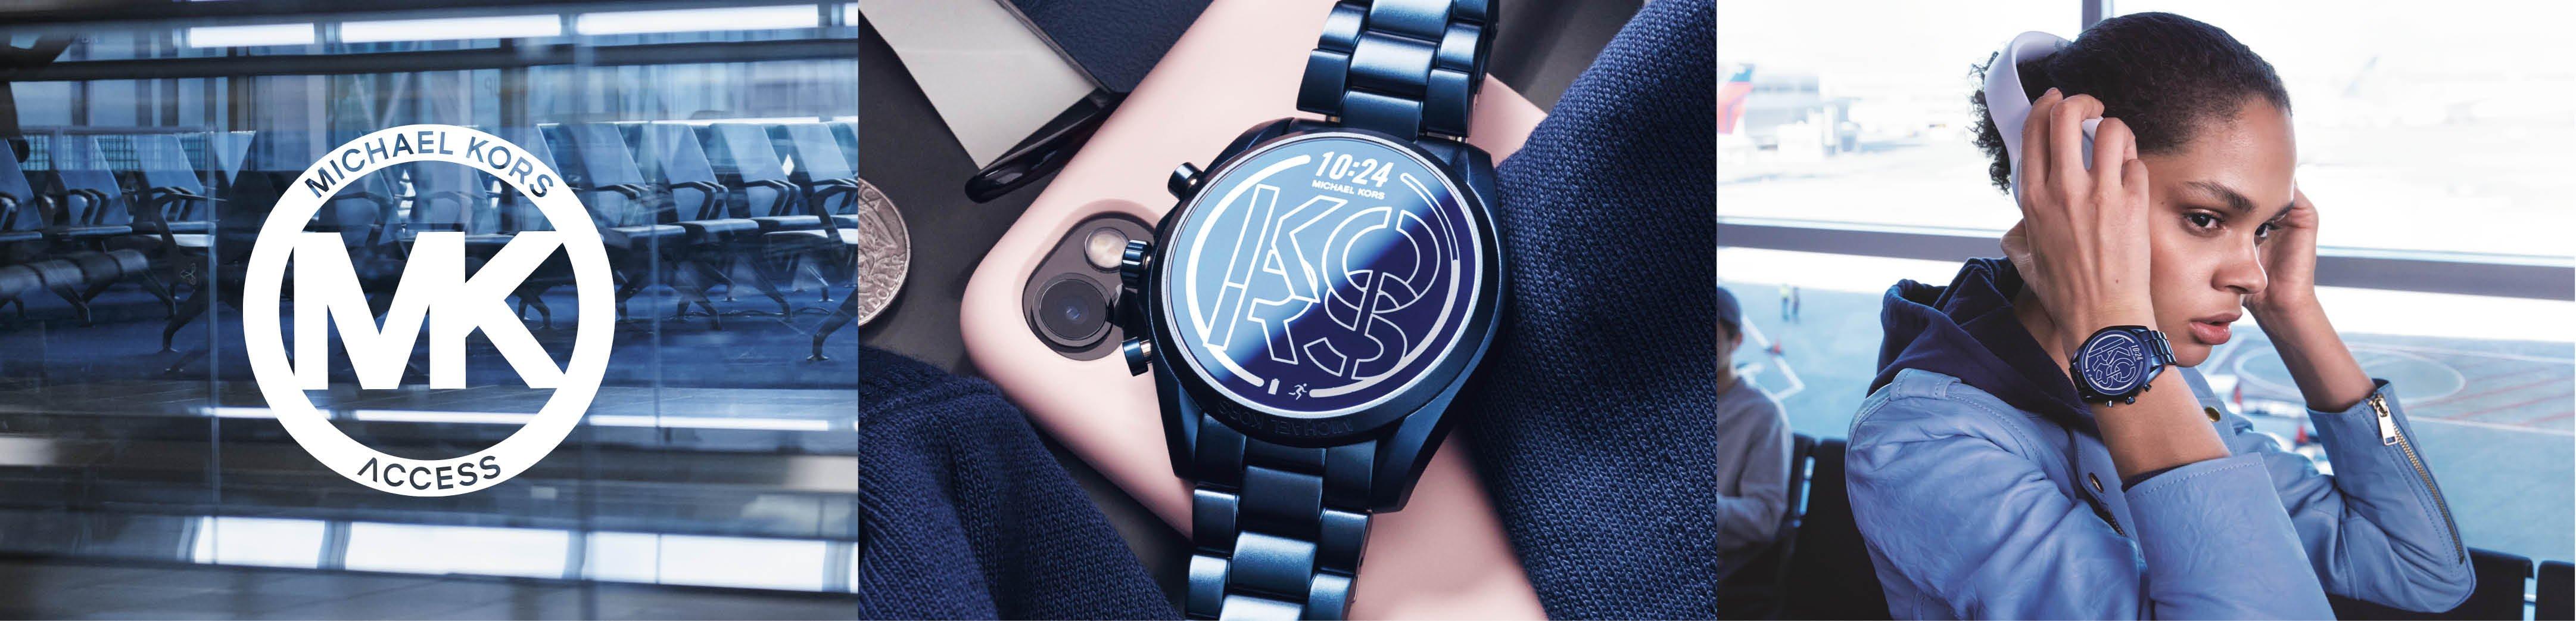 Modne zegarki Miachael Kors